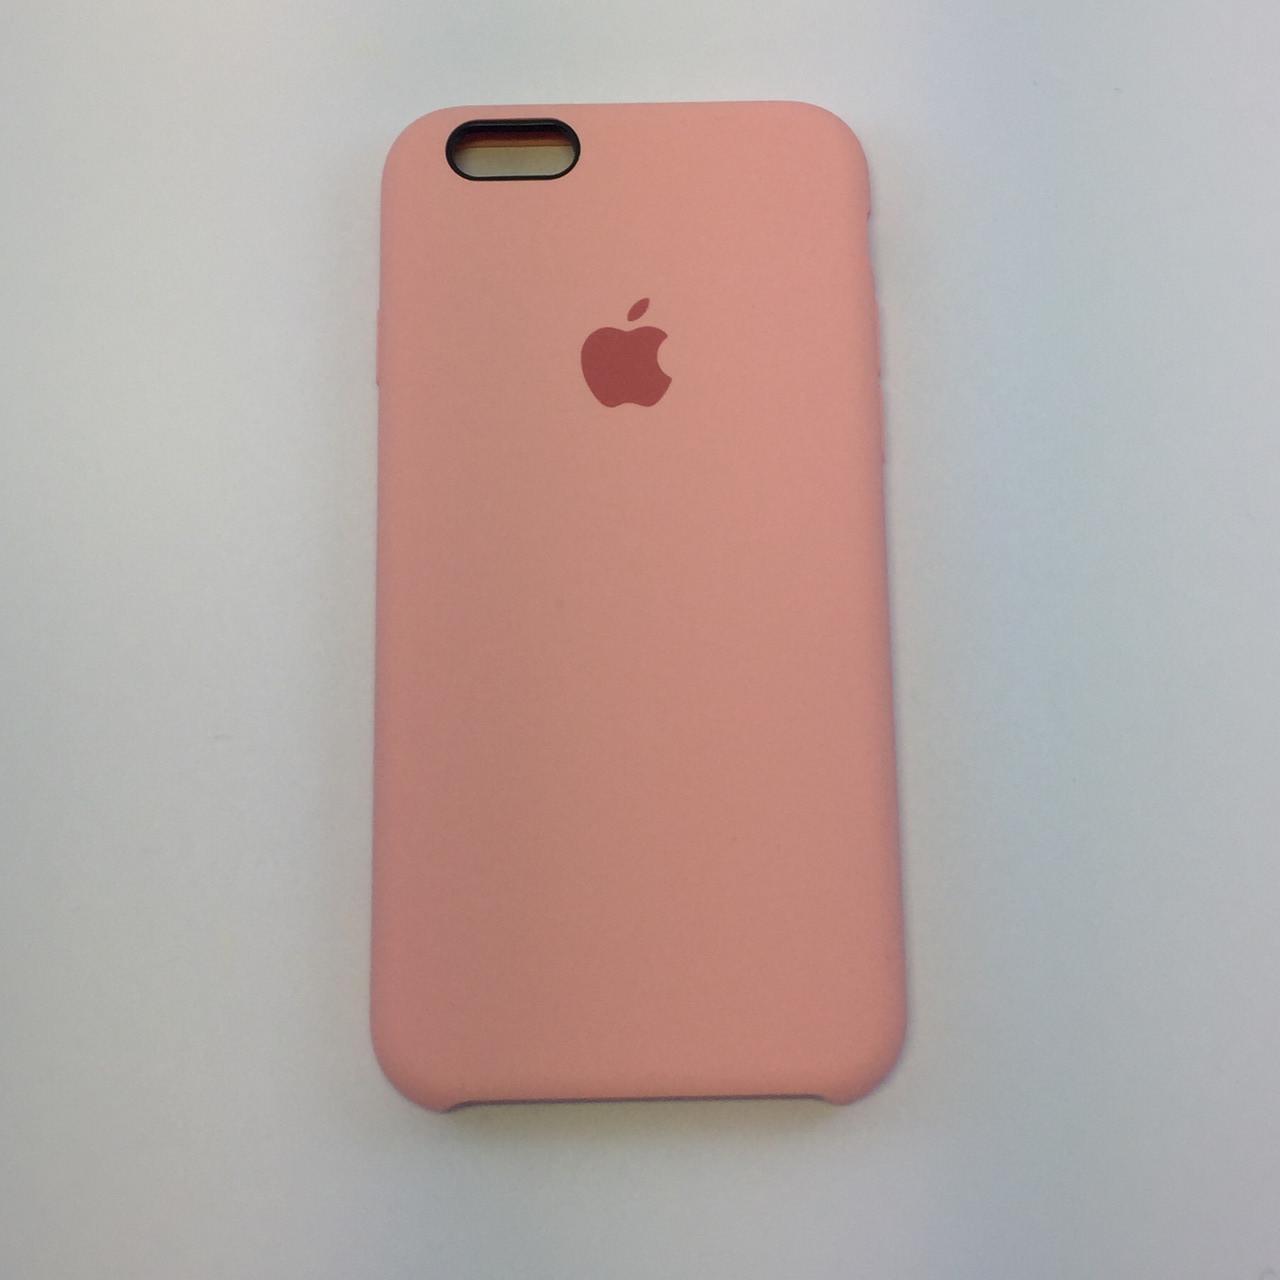 Силиконовый чехол iPhone 6/6s, нежно-розовый, copy original